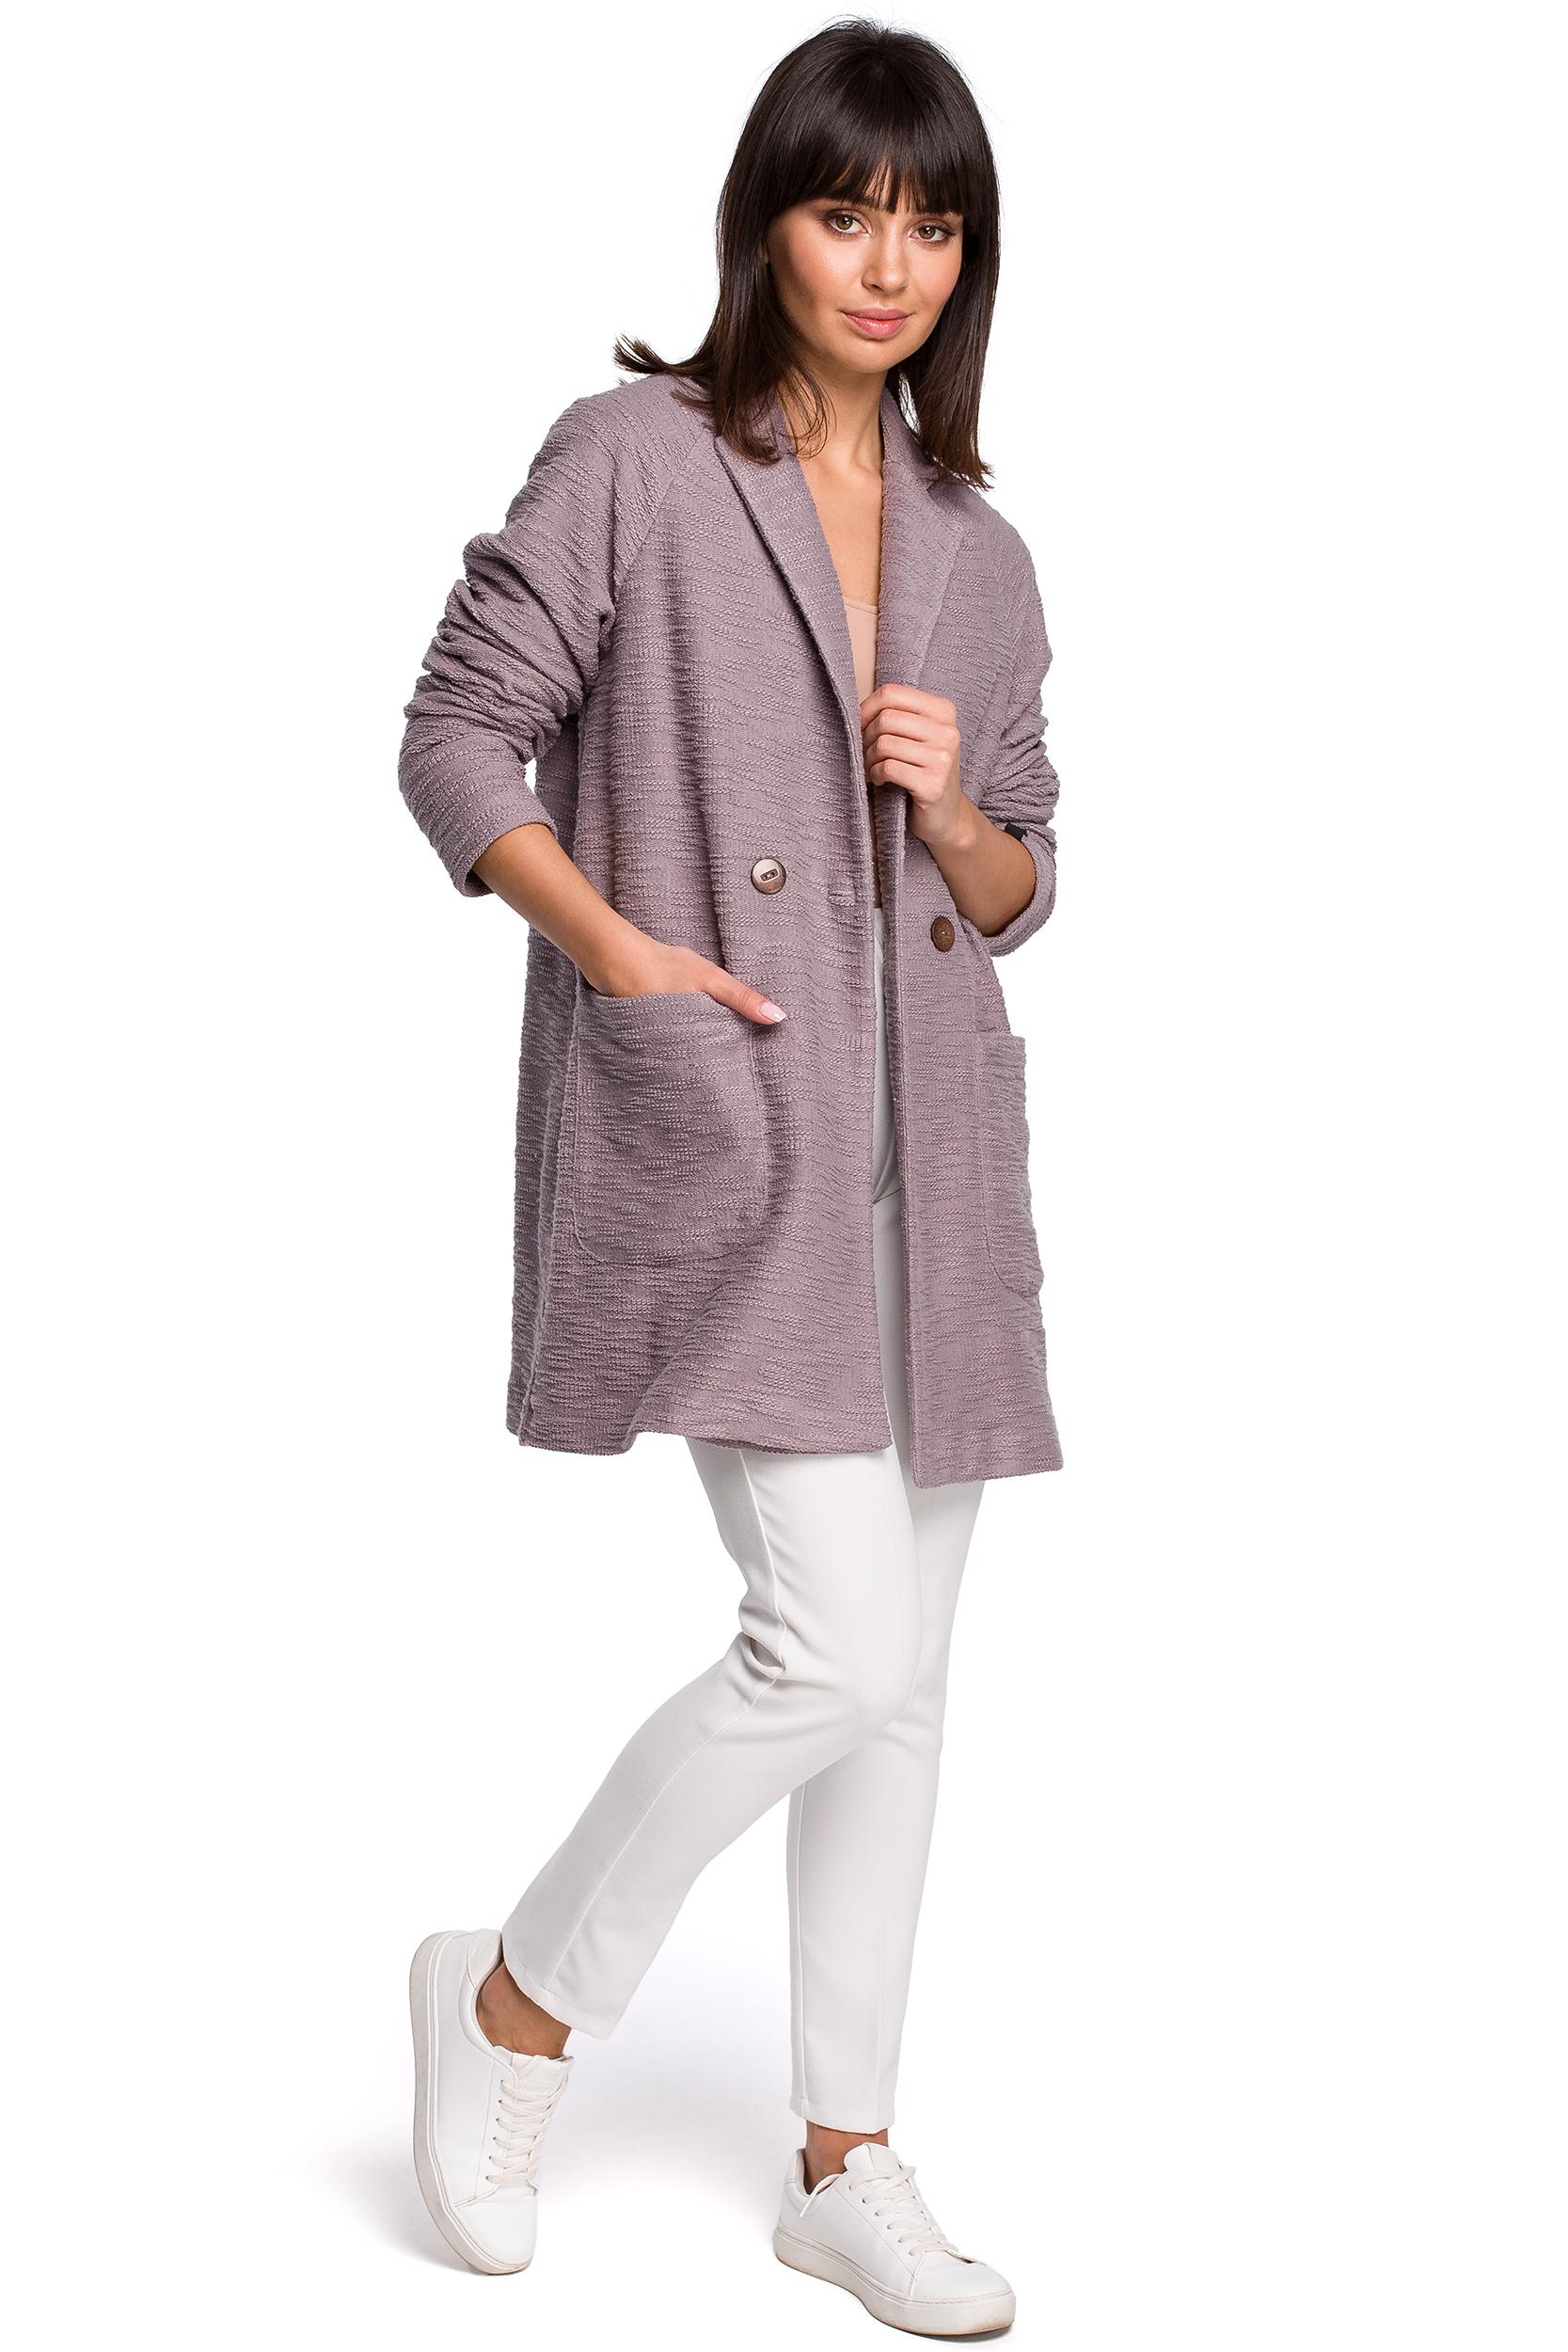 d127dcde3a33d Marynarki, swetry, kurtki. ‹ › Dzianinowy płaszcz – marynarka na wiosnę  zapinany na jeden guzik ...